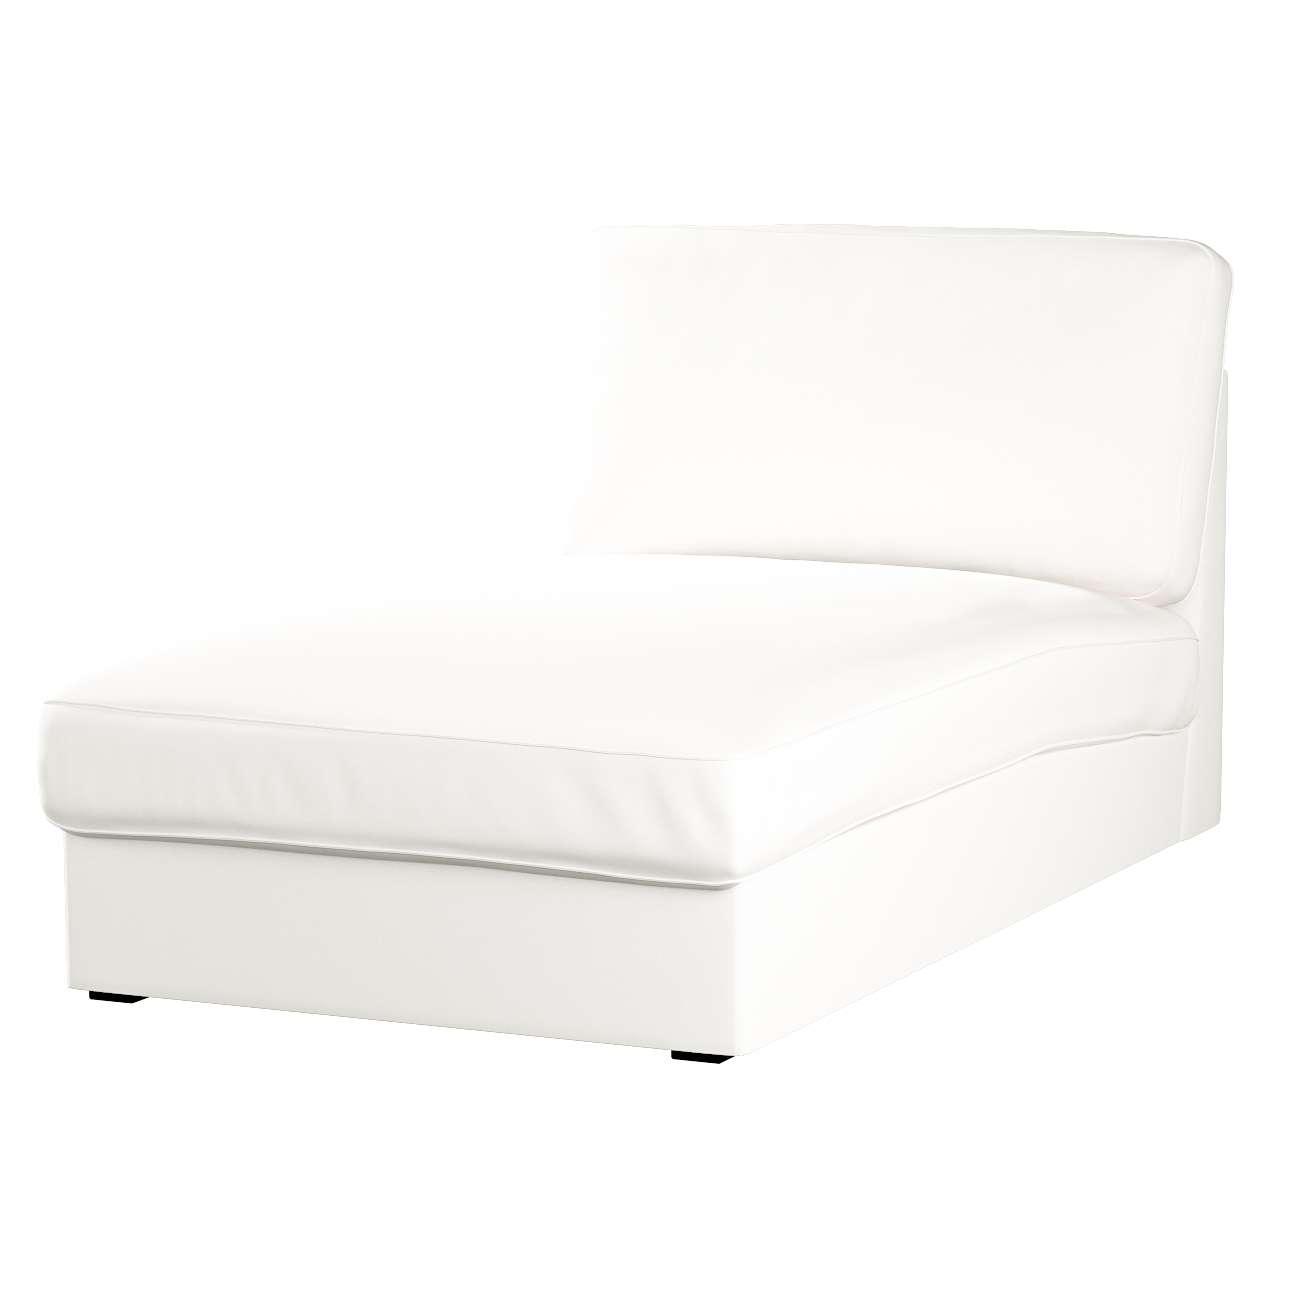 KIVIK gulimojo krėslo užvalkalas Kivik chaise longue kolekcijoje Cotton Panama, audinys: 702-34